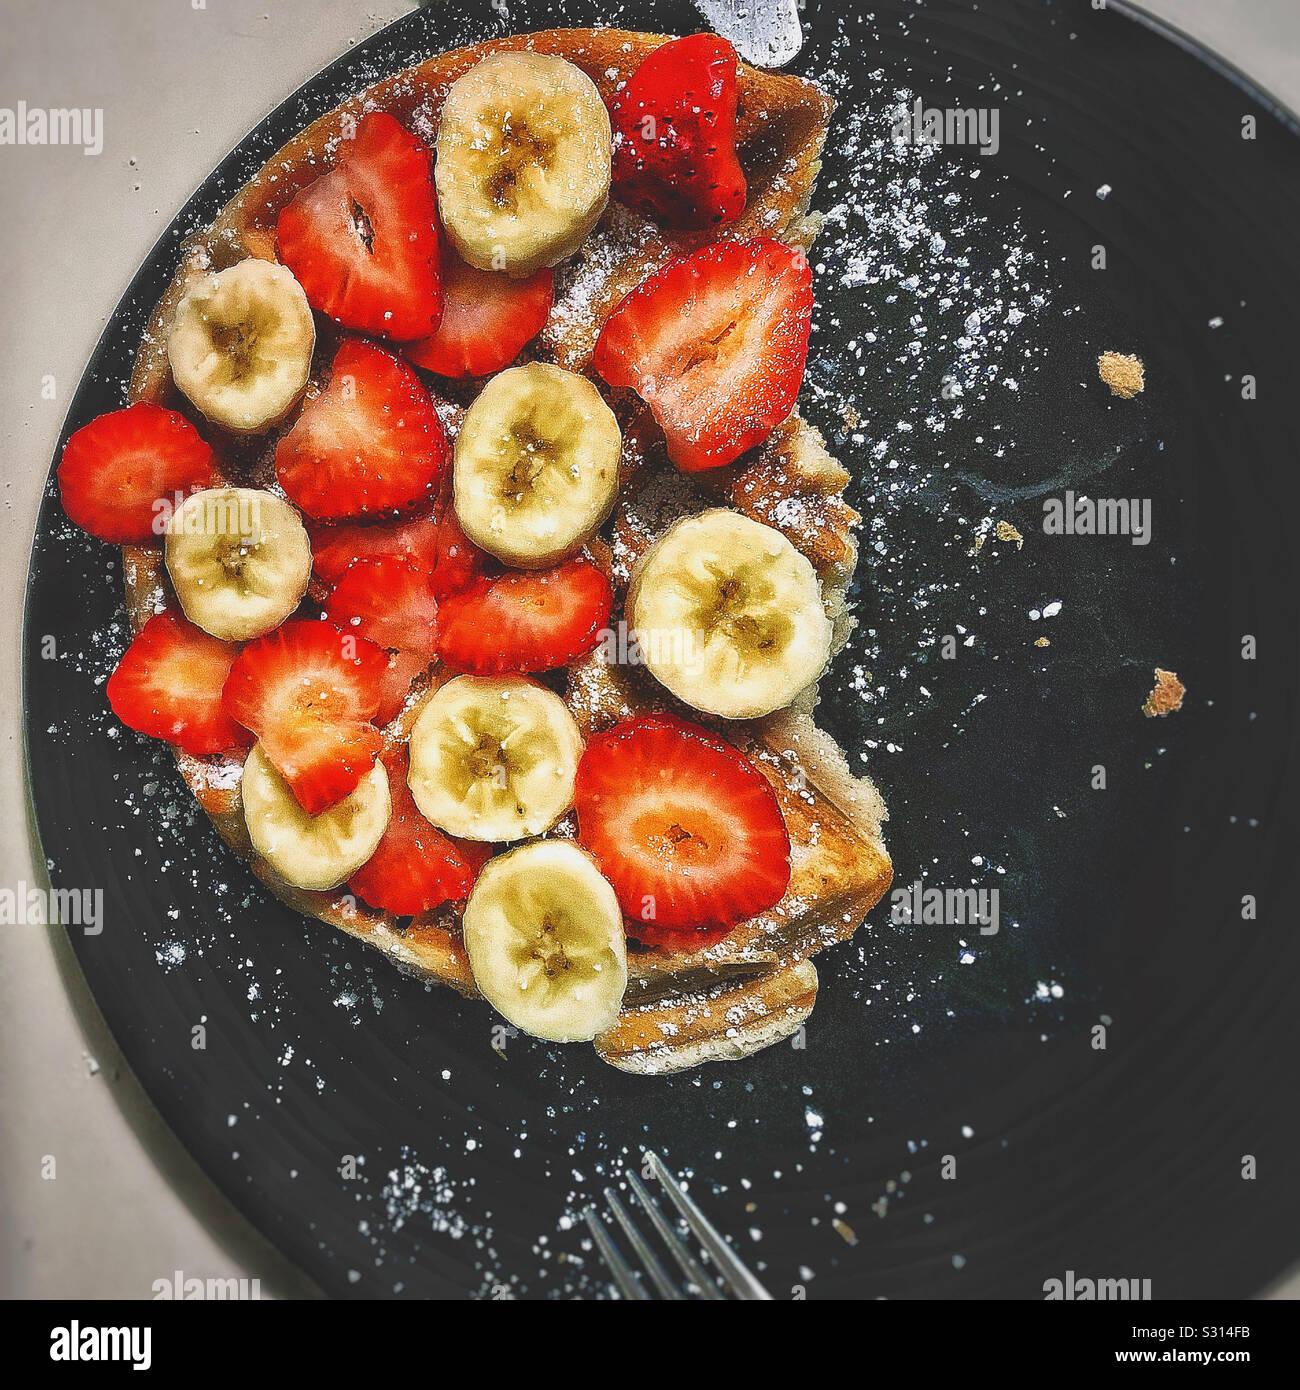 Belgische Waffeln in Obst und Zucker abgedeckt Stockfoto